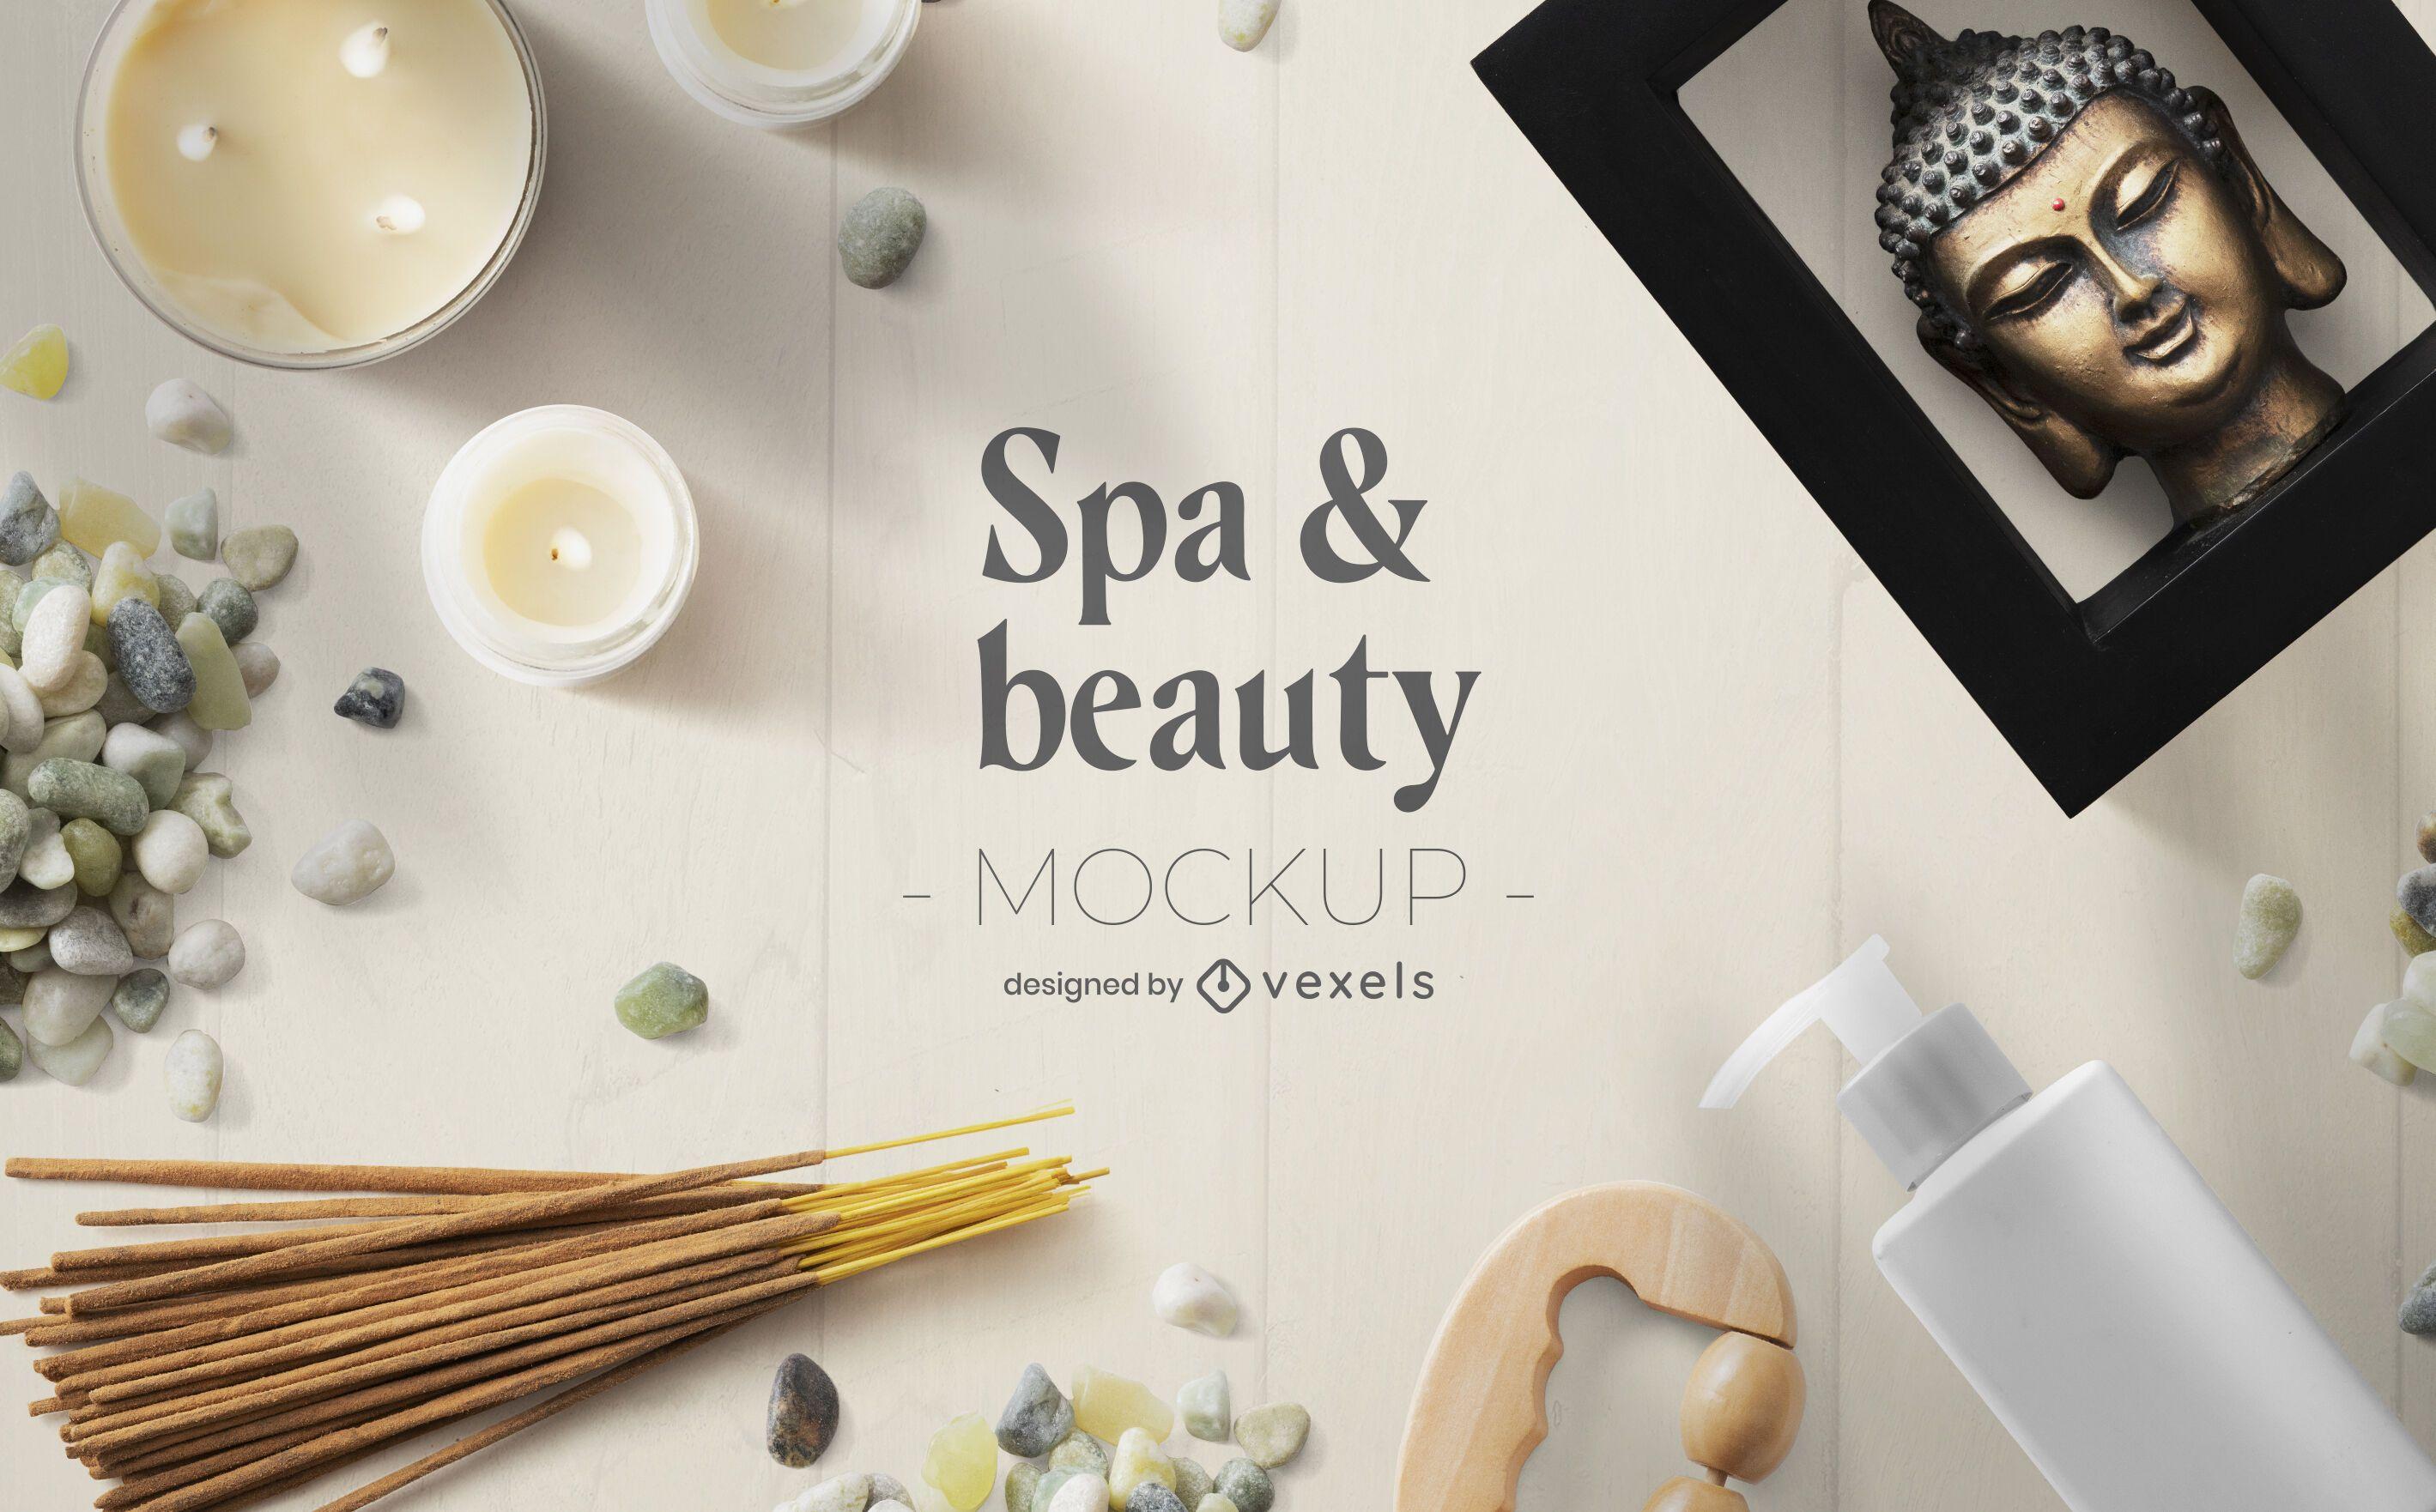 Beauty Spa Modell Zusammensetzung